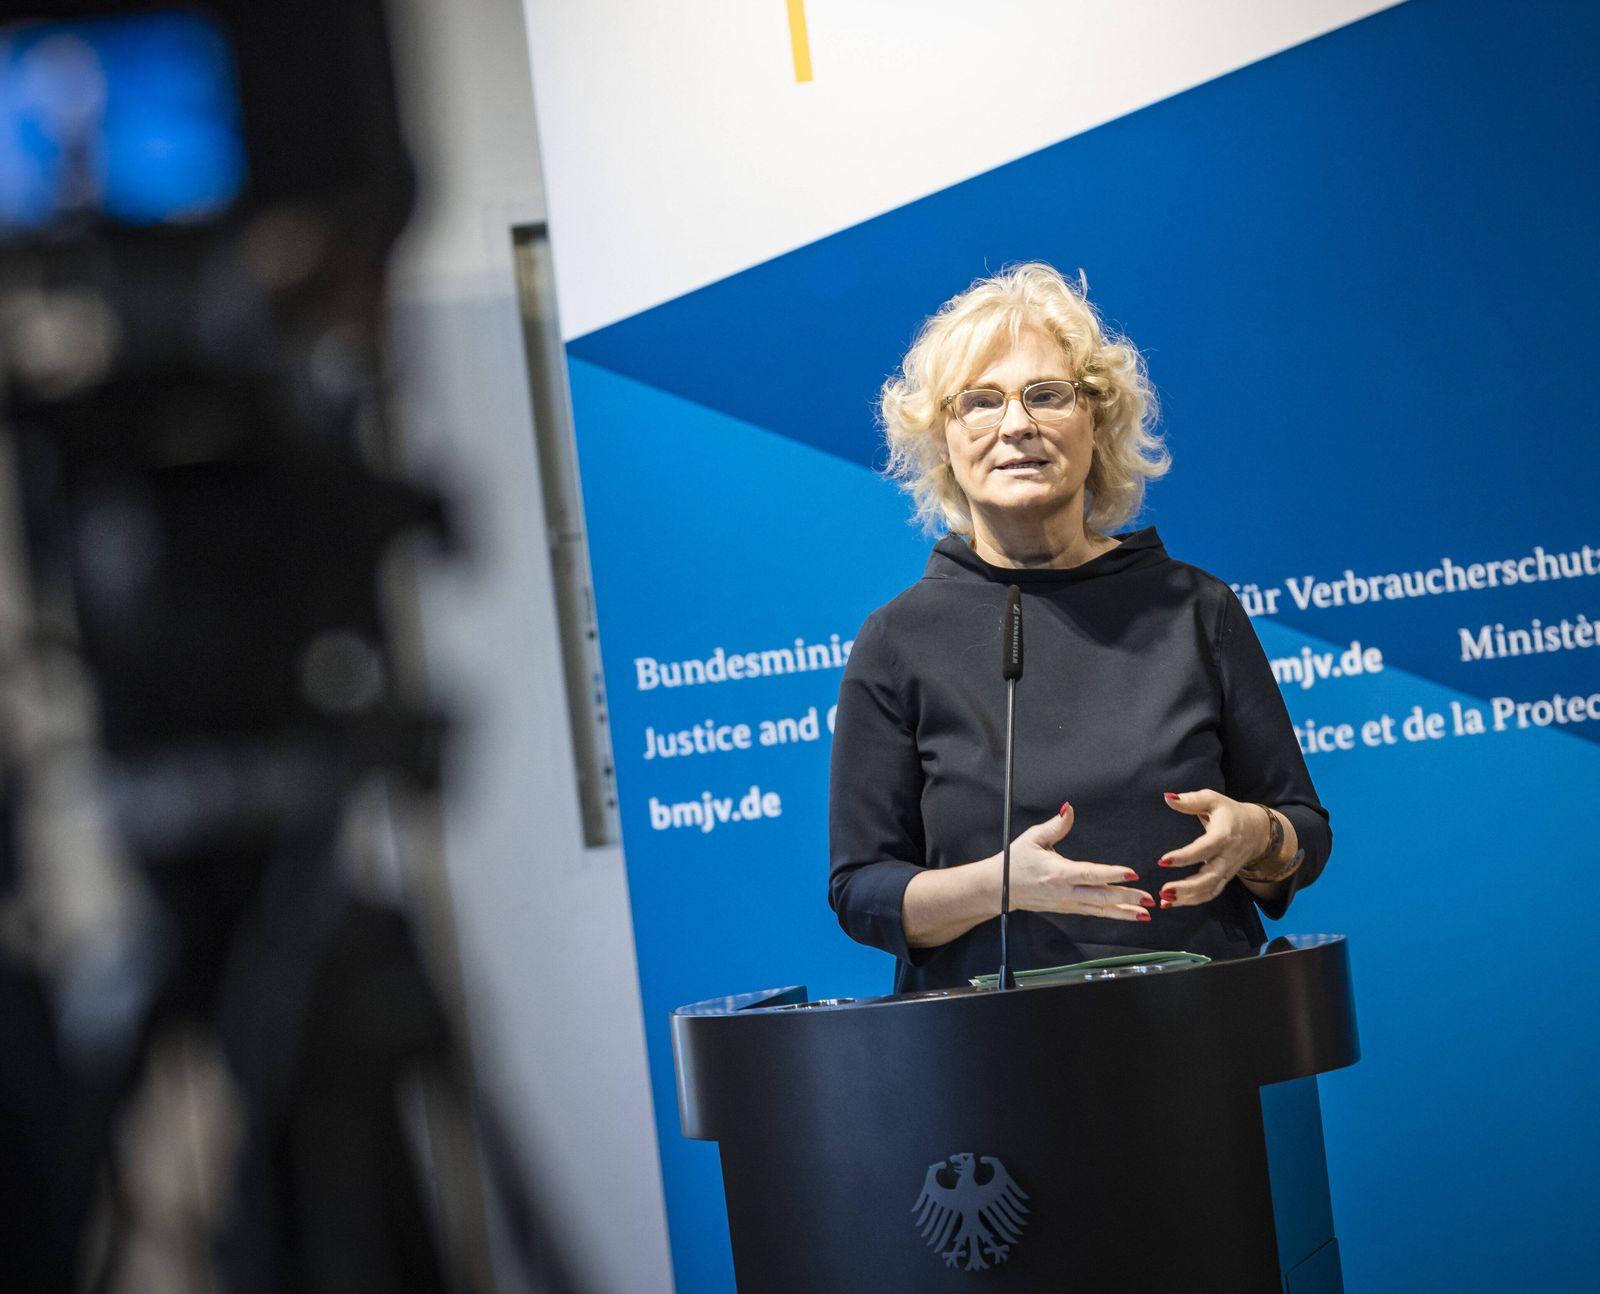 Christine Lambrecht, Bundesministerin der Justiz und fuer Verbraucherschutz, aufgenommen bei einer Videokonferenz, anla